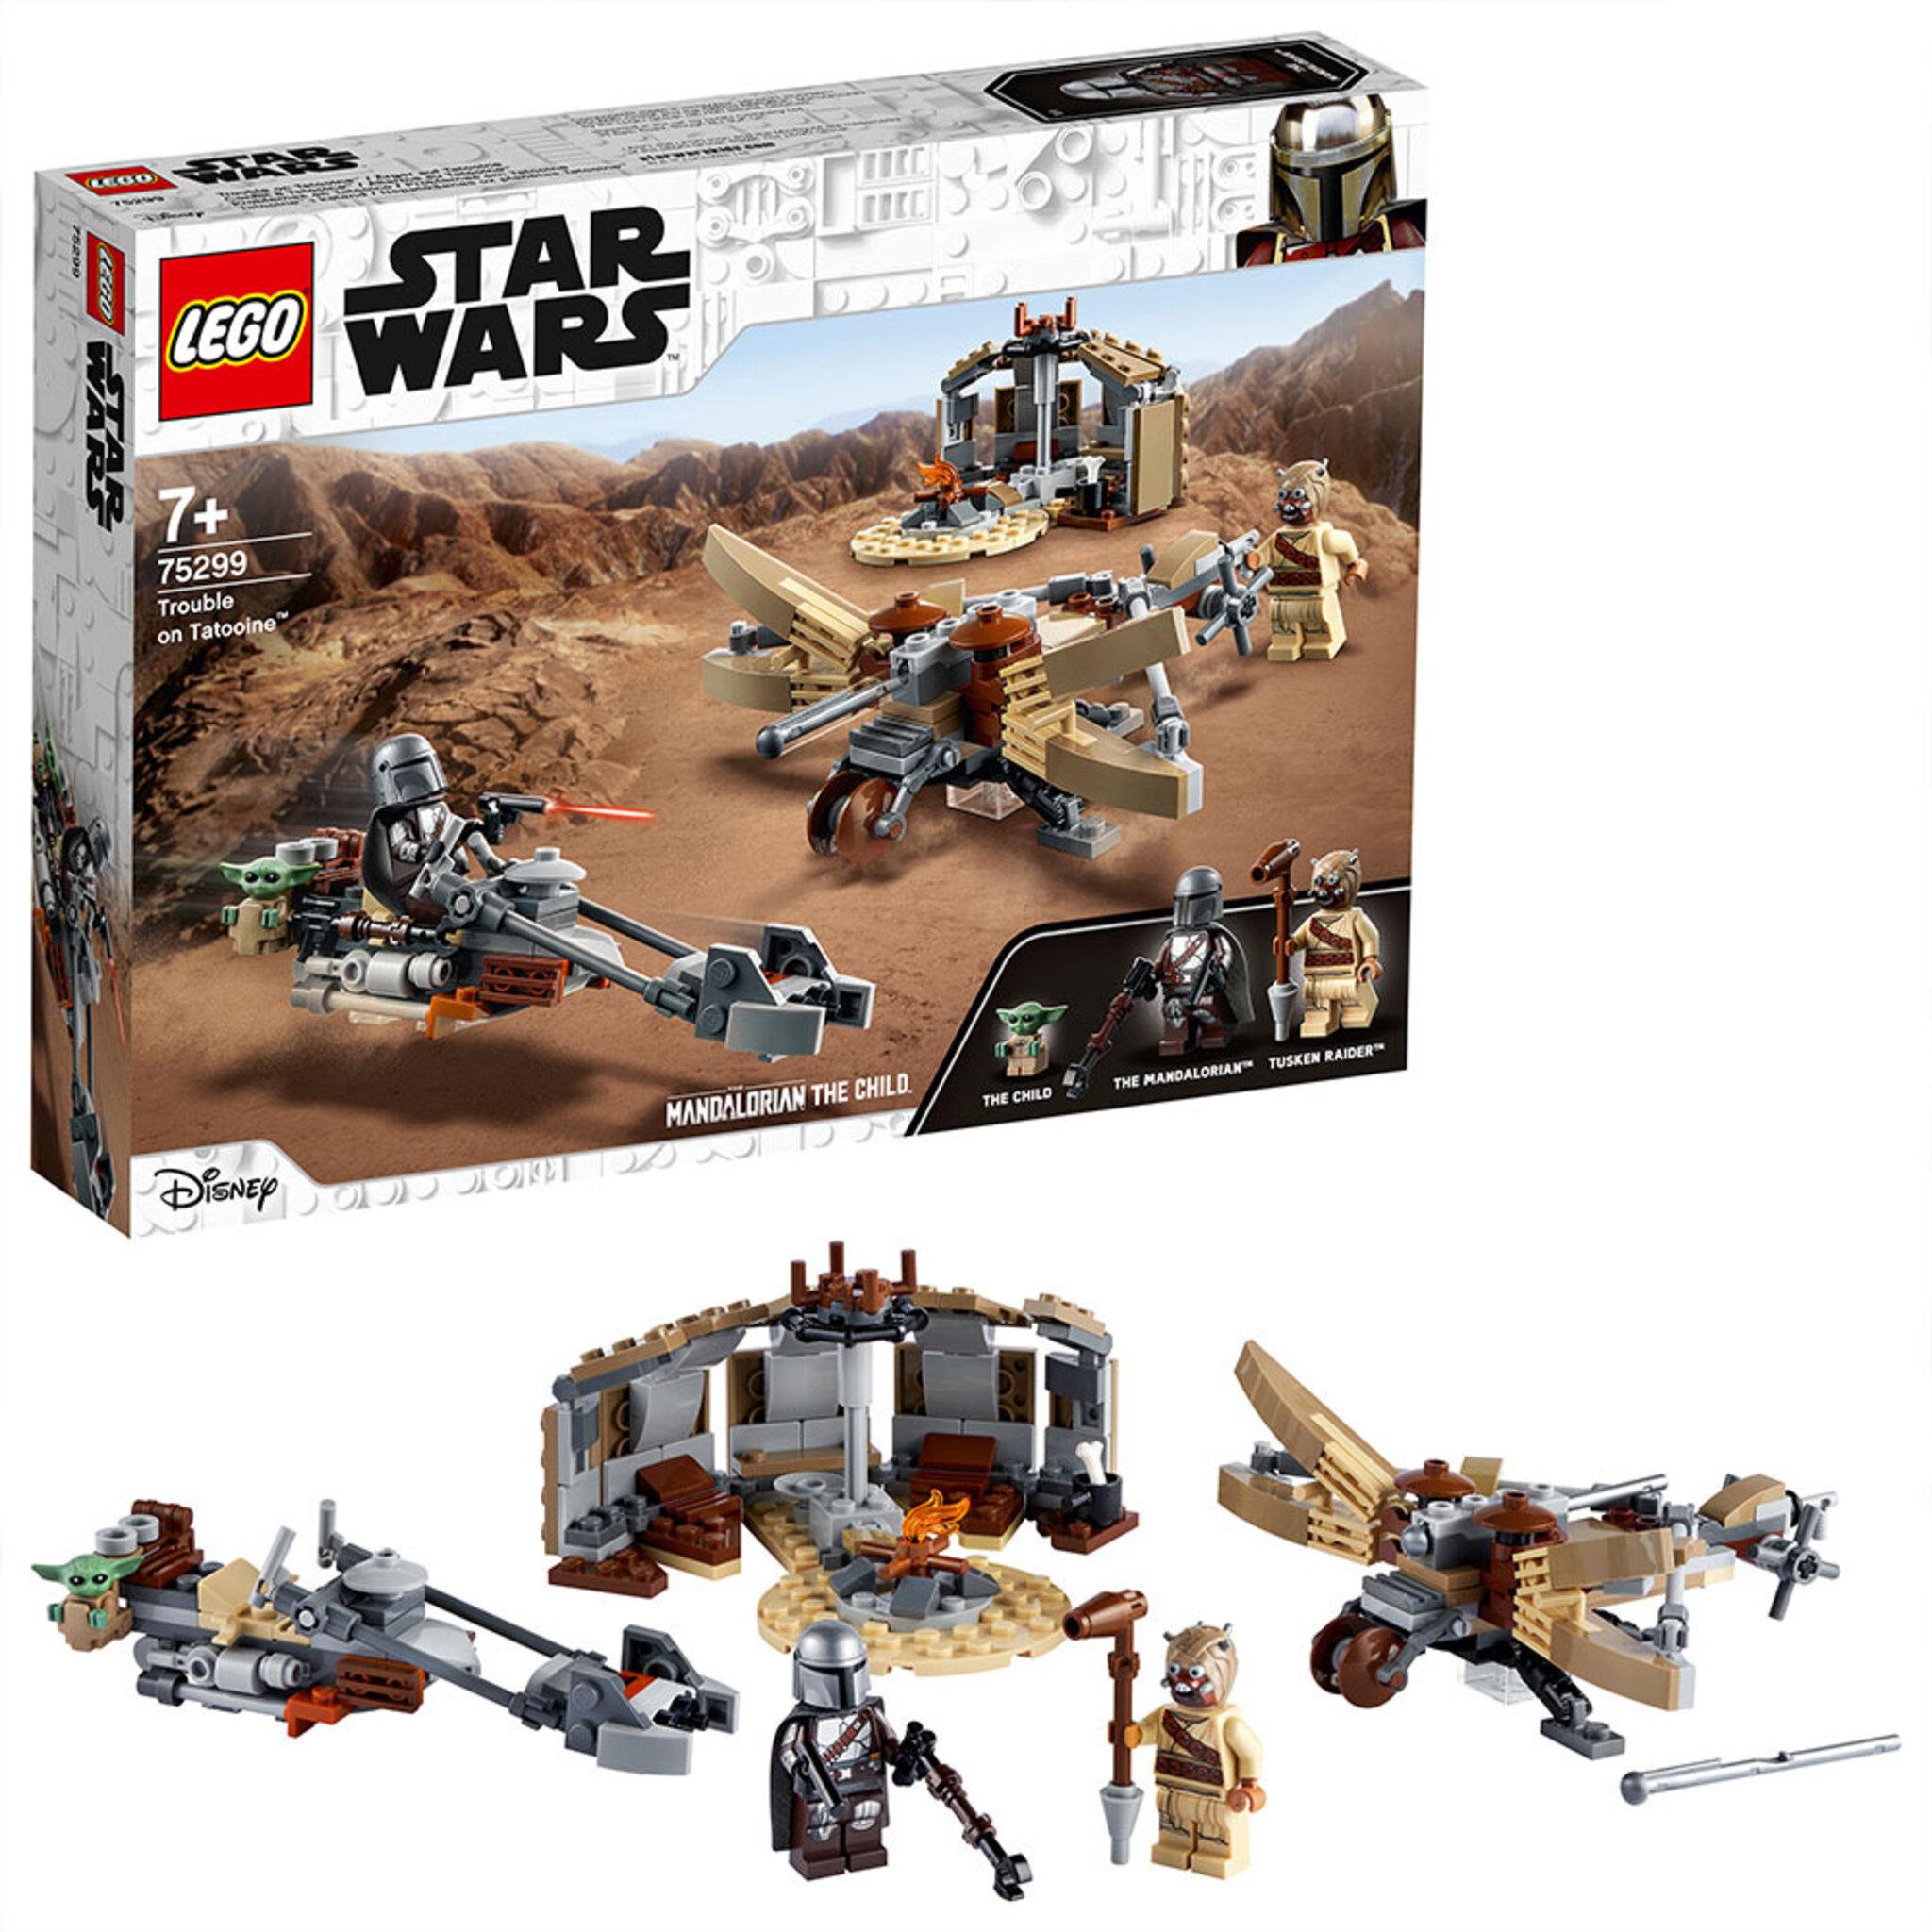 75299 Star Wars Trouble on Tatooine